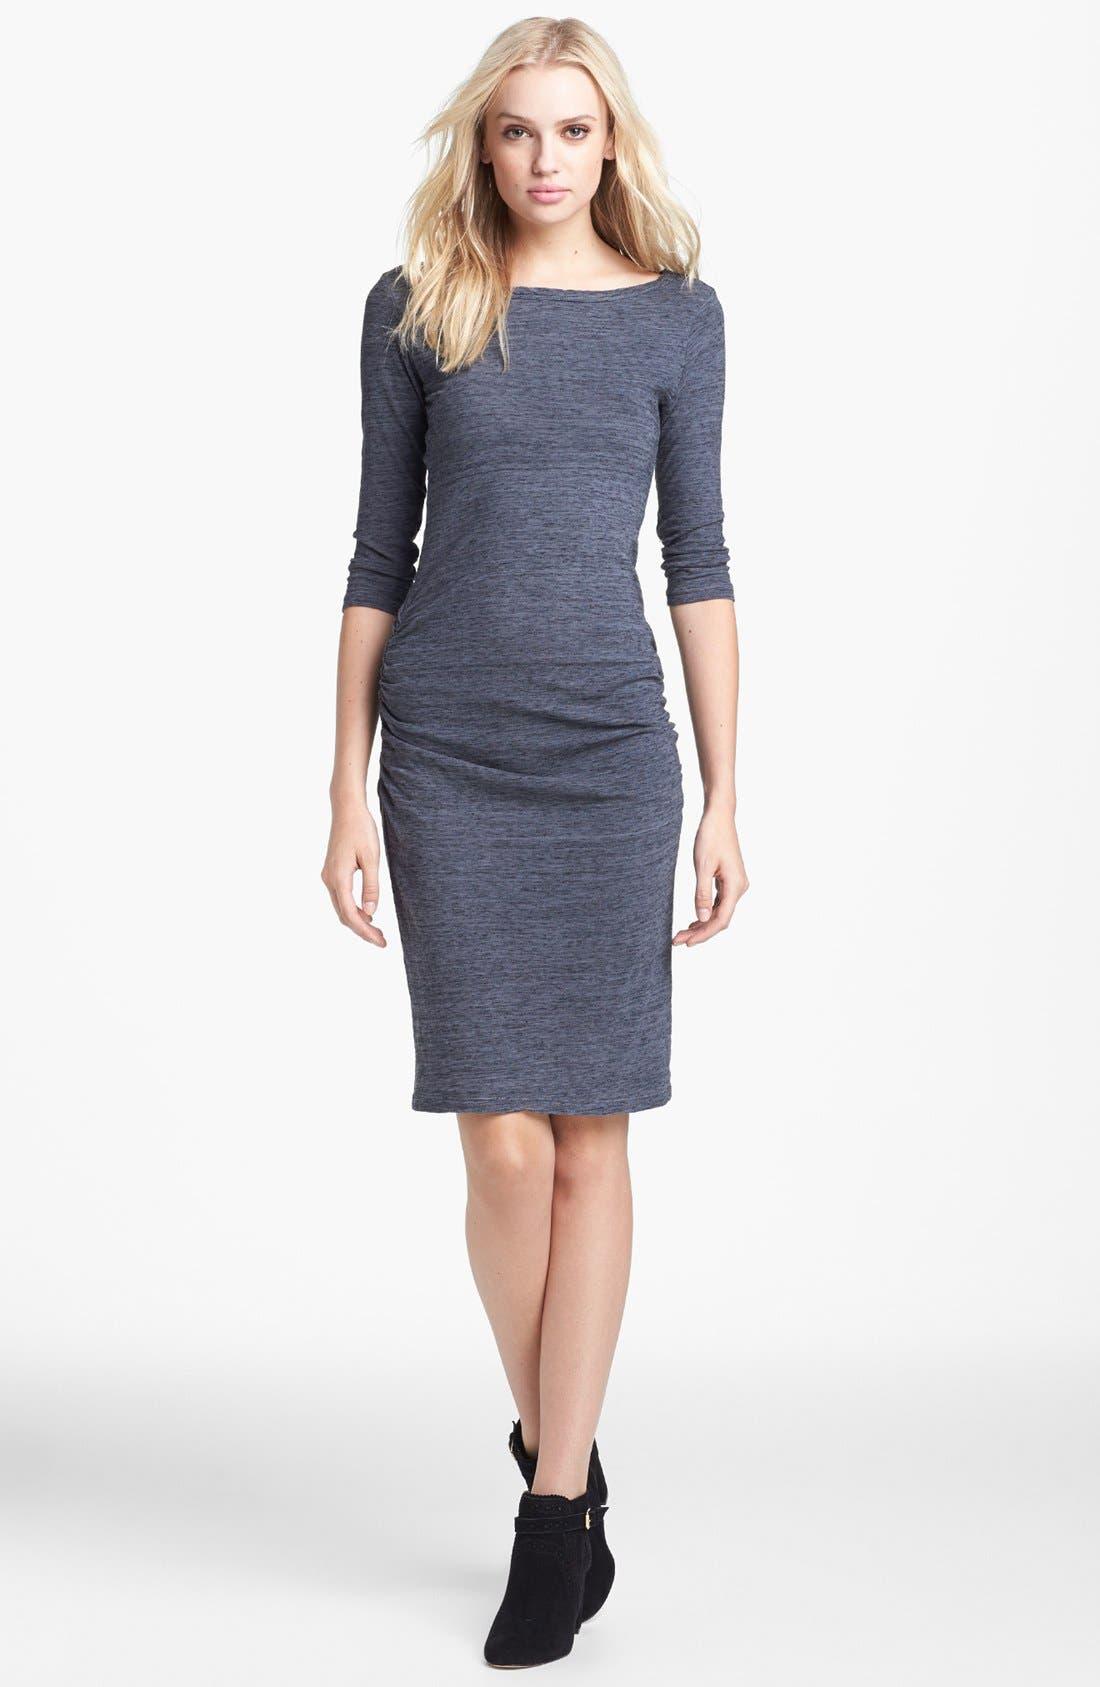 Main Image - James Perse Jewel Neck Dress